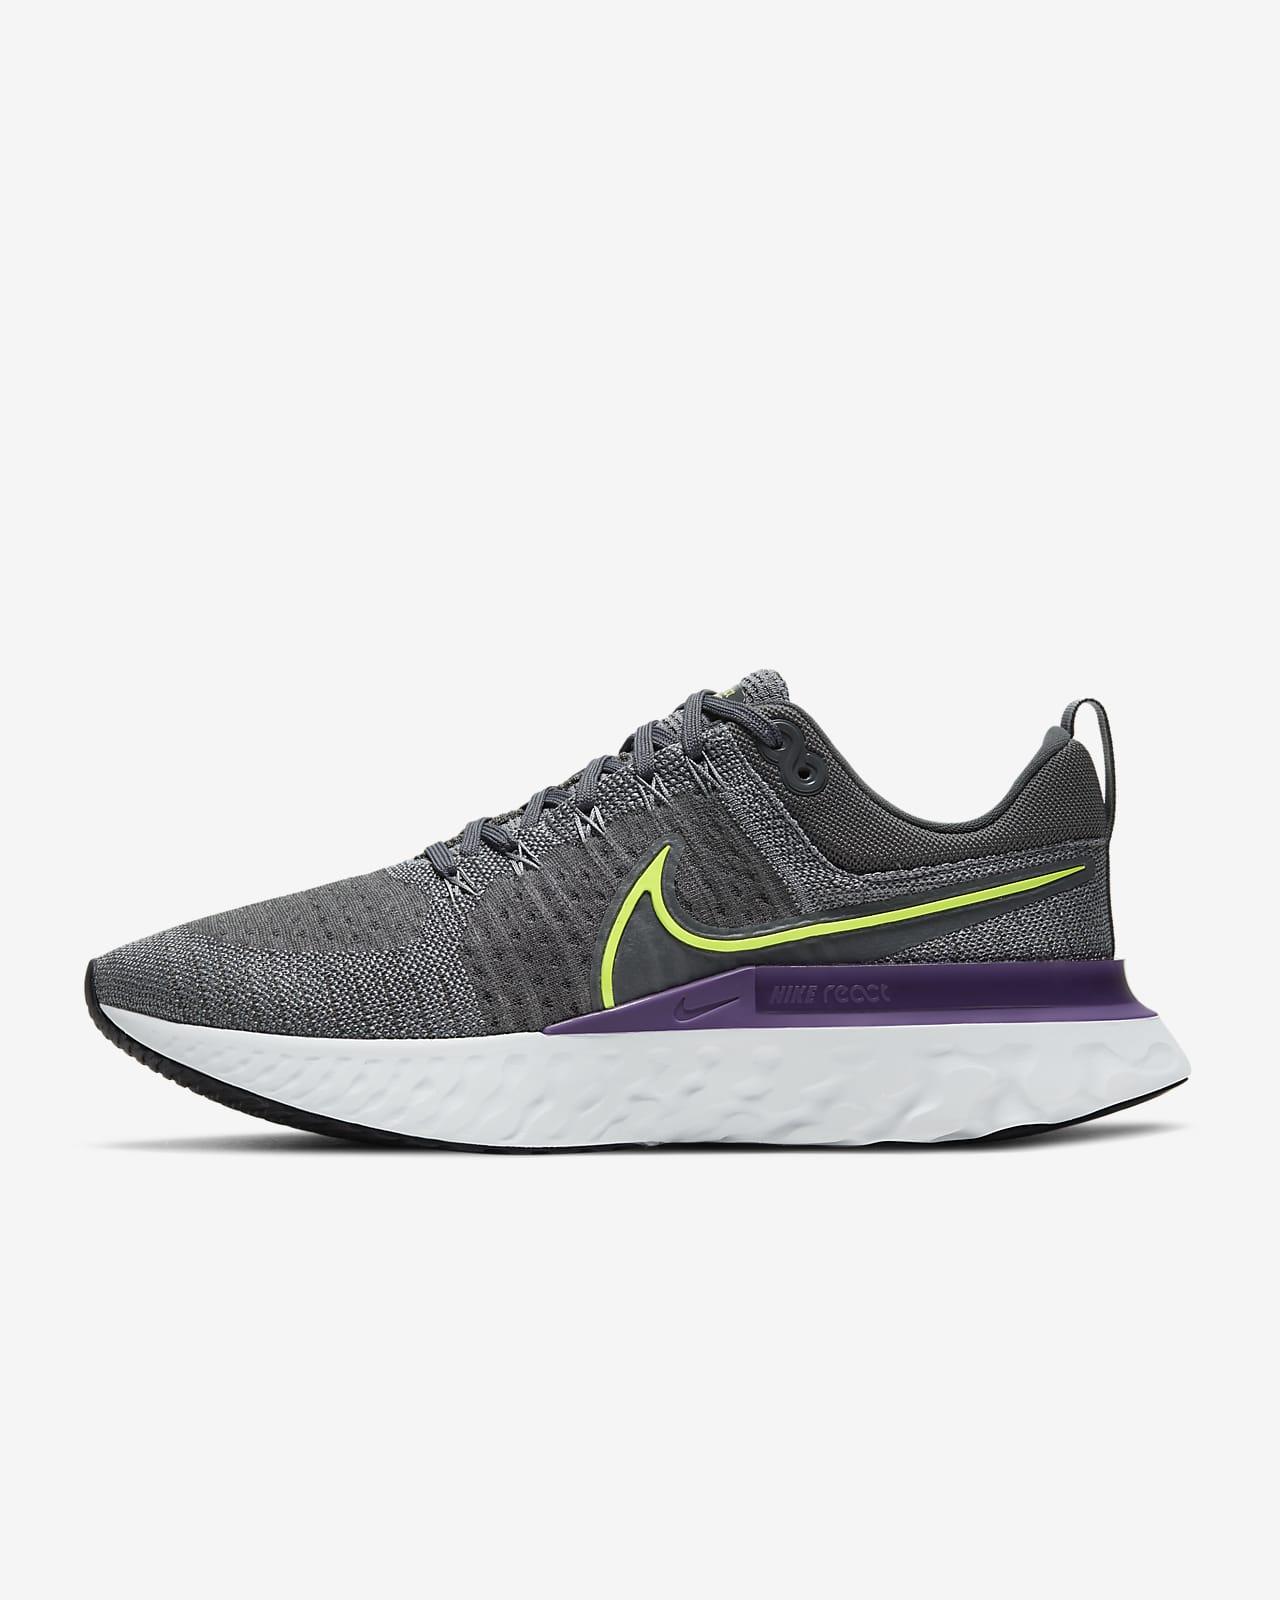 Löparsko Nike React Infinity Run Flyknit 2 för män